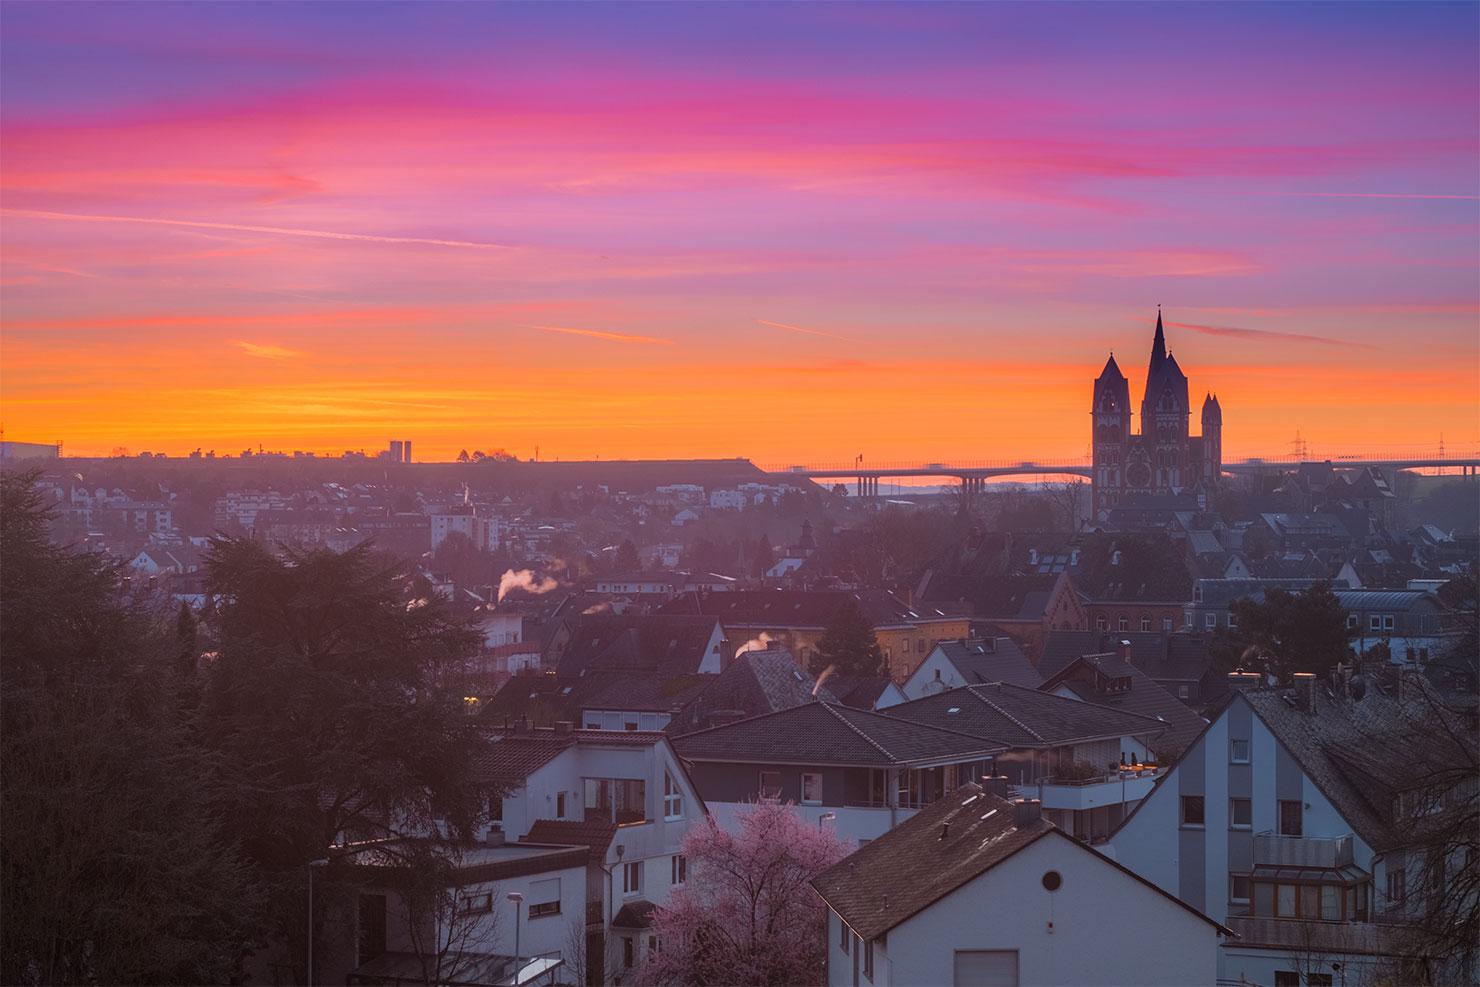 Limburg Frühling Sonnenaufgang Schafsberg